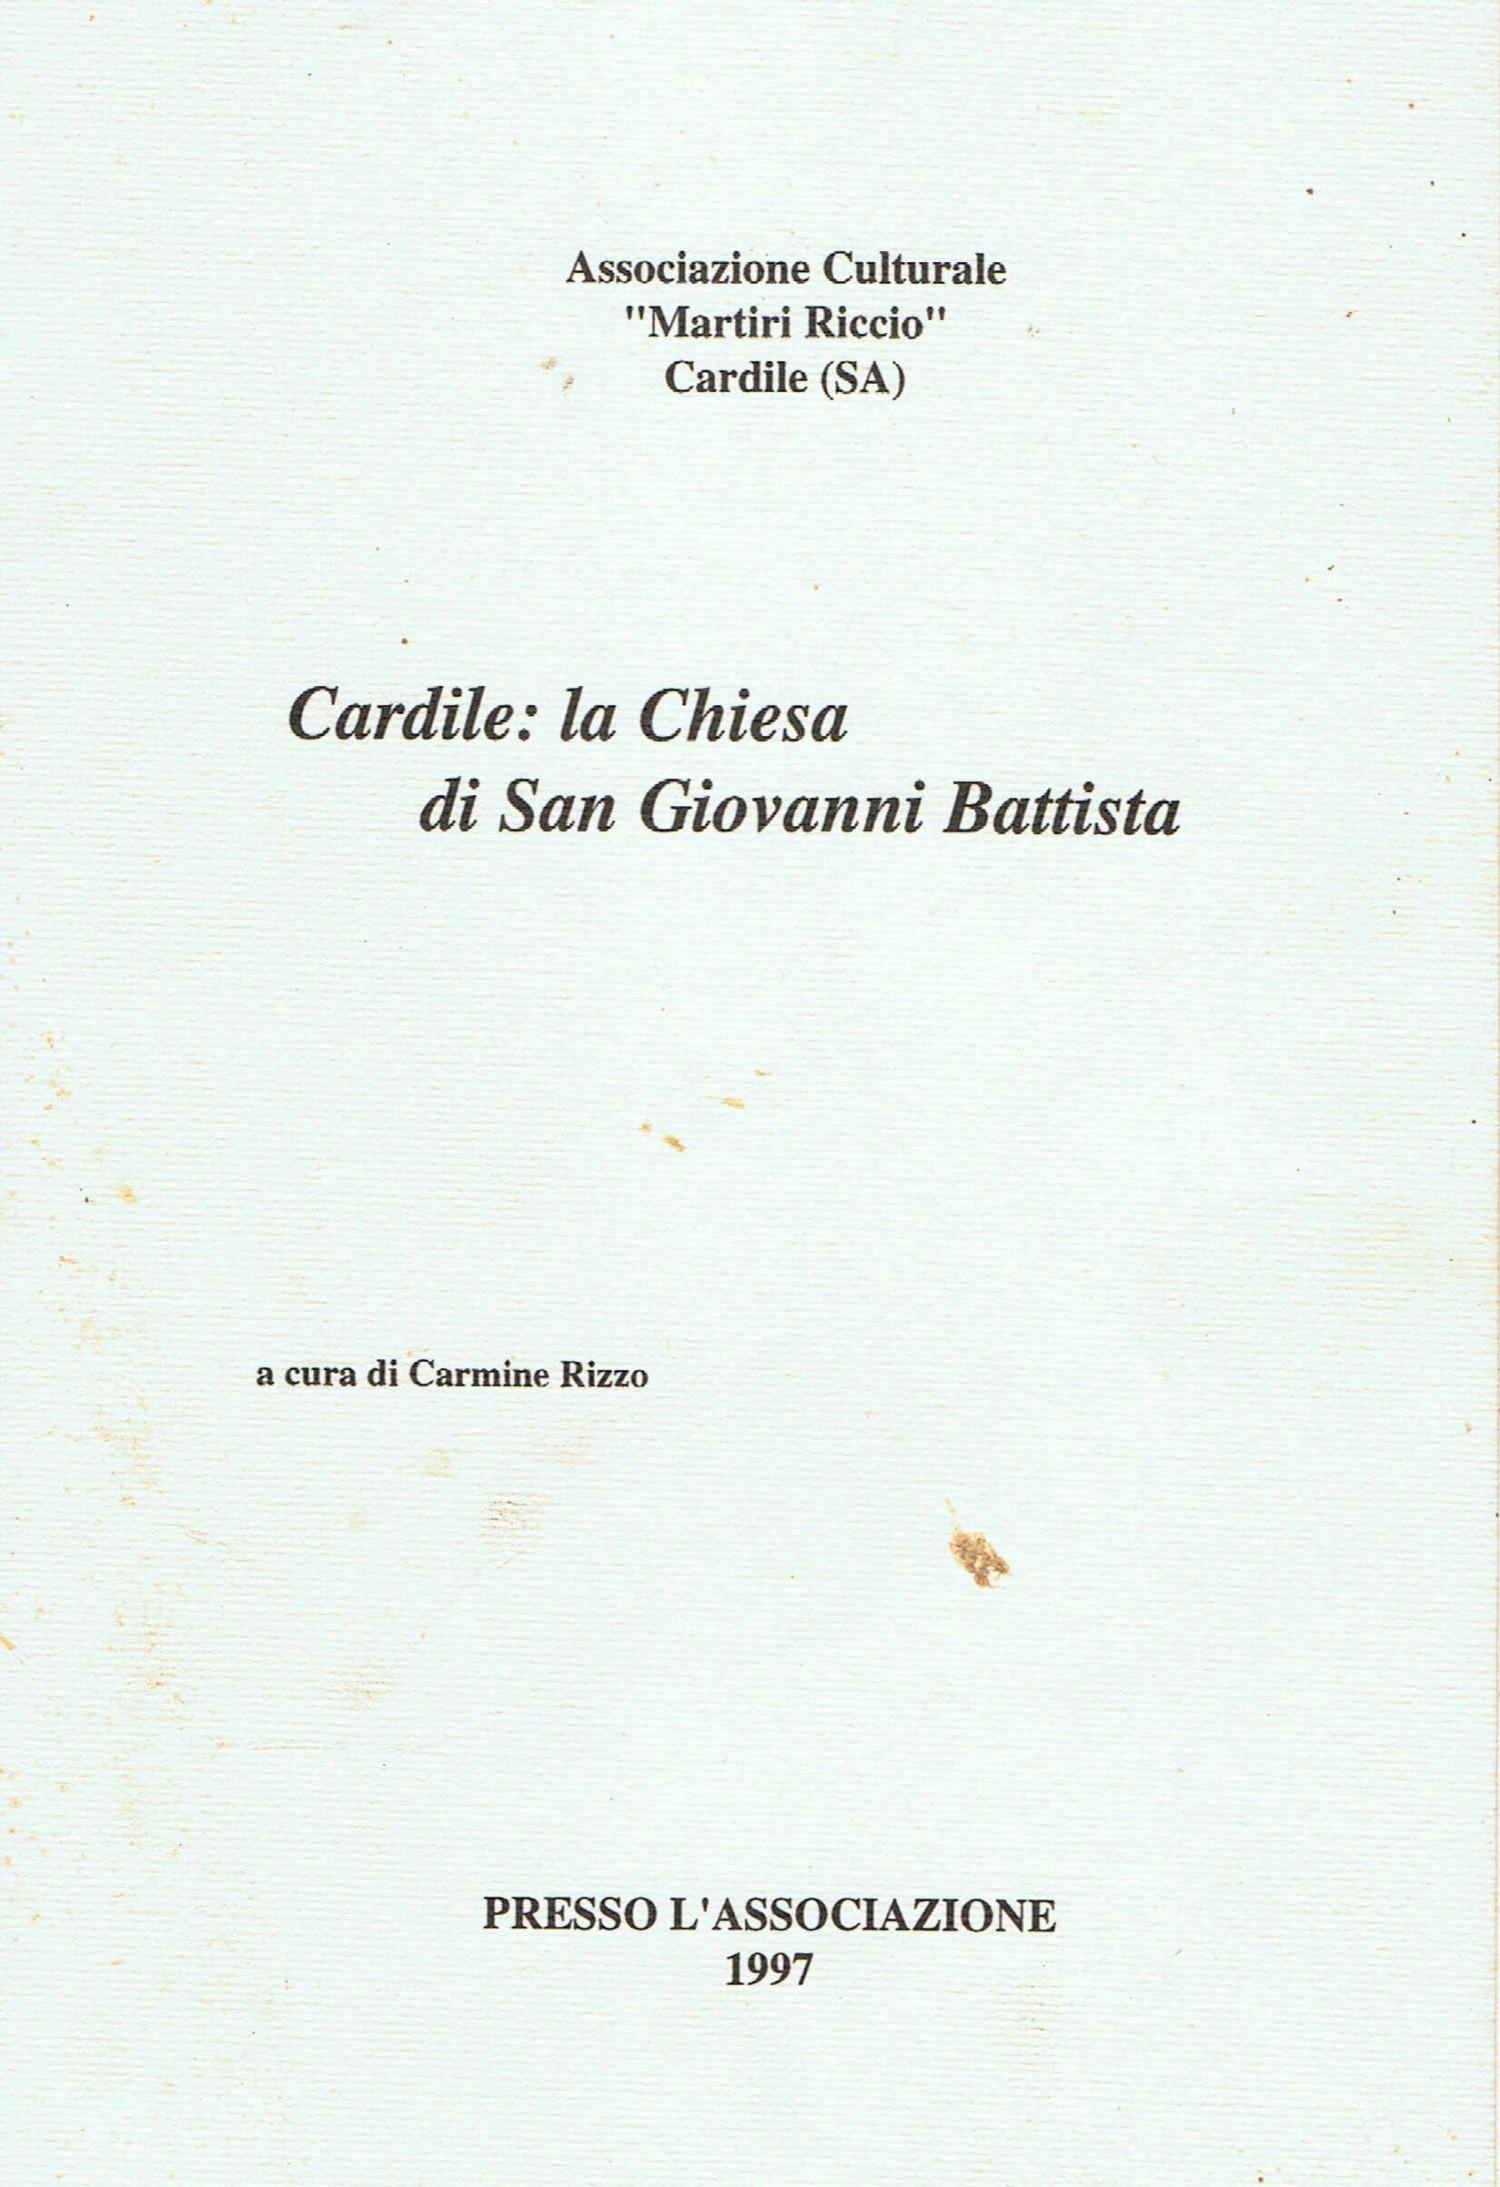 Cardile la Chiesa di San Giovanni Battista